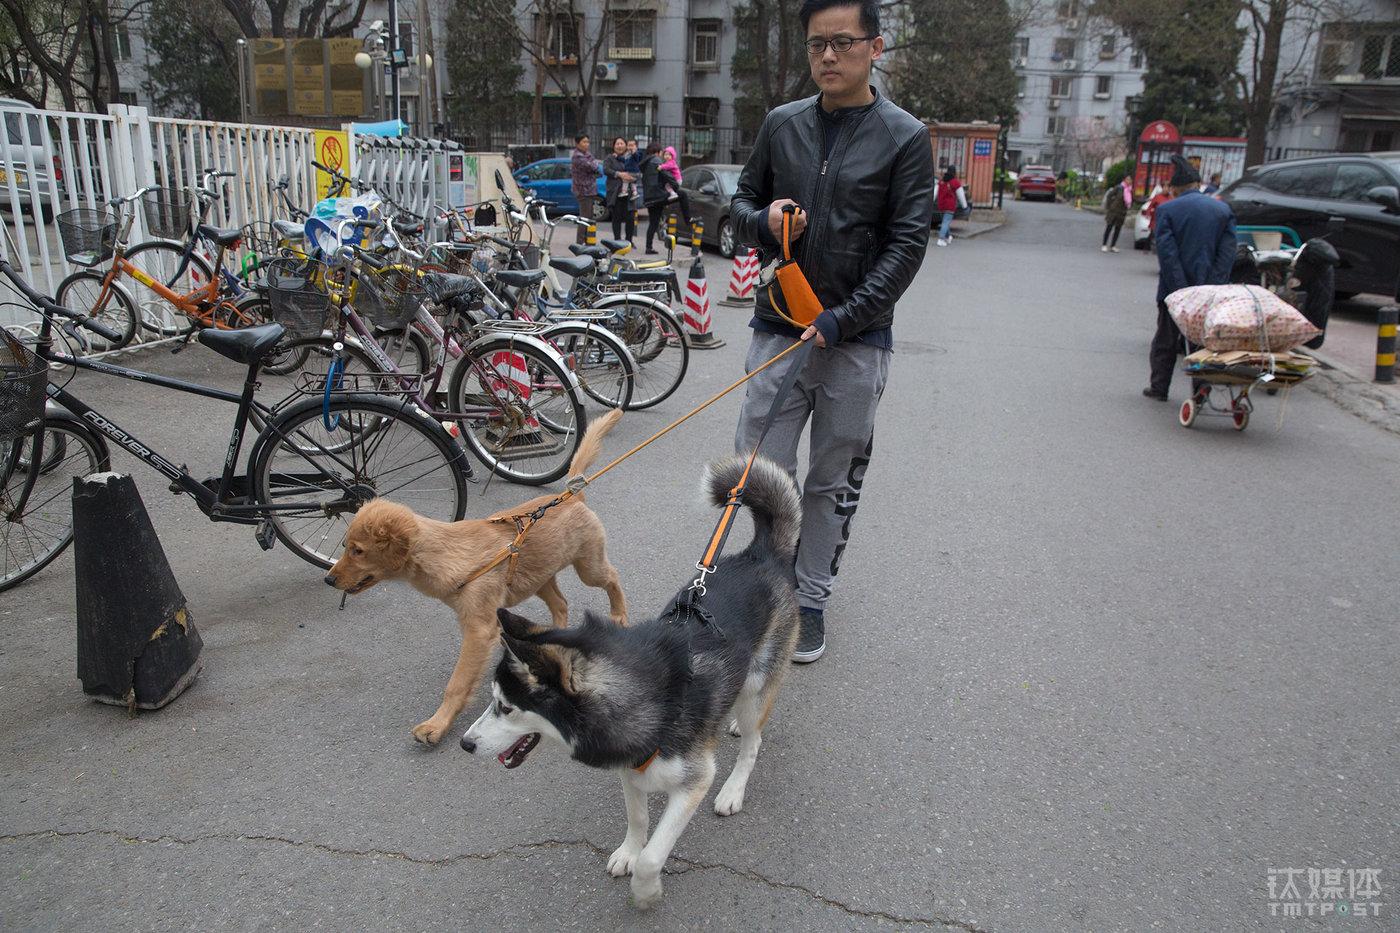 只要天气允许,老徐每天早上或者晚上都牵着两只狗下楼活动。小区附近有一块专门给狗狗玩乐的空地,4月份开始一直在施工。不知道会不会拆掉,老徐说,如果拆掉了,它们没法像之前一样在那块地方脱掉绳子自由活动。